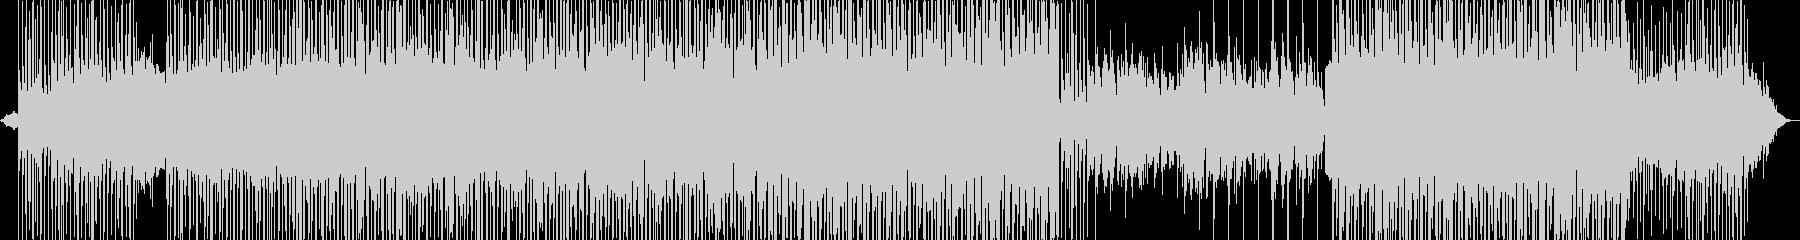 マイナーレトロ調なシンセ、ギターサウンドの未再生の波形